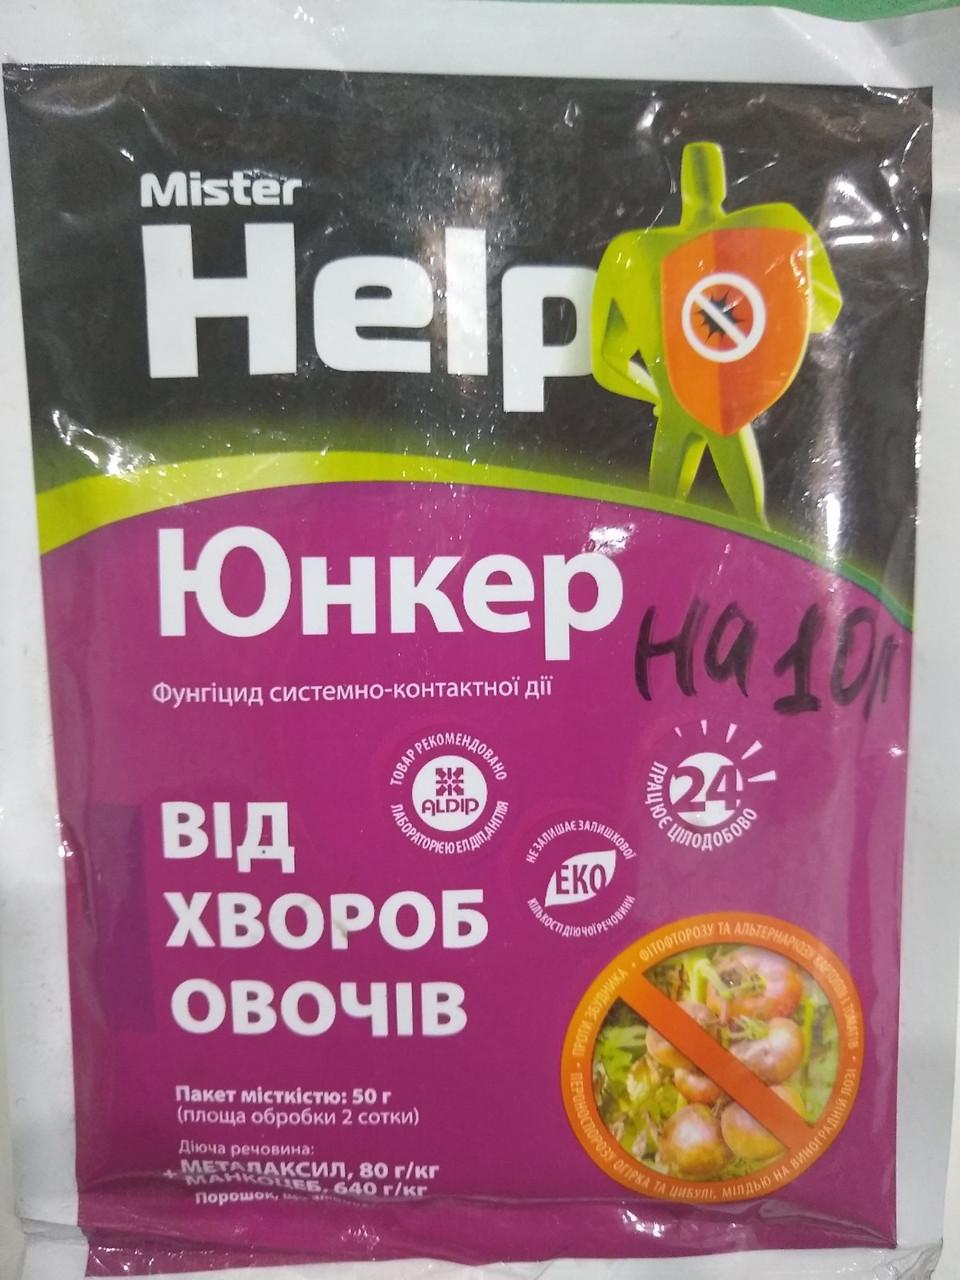 """Фунгицид контактно-системного  действия """"Юнкер"""", 50 грамм на 10 литров воды на 2 сотки, Украина"""